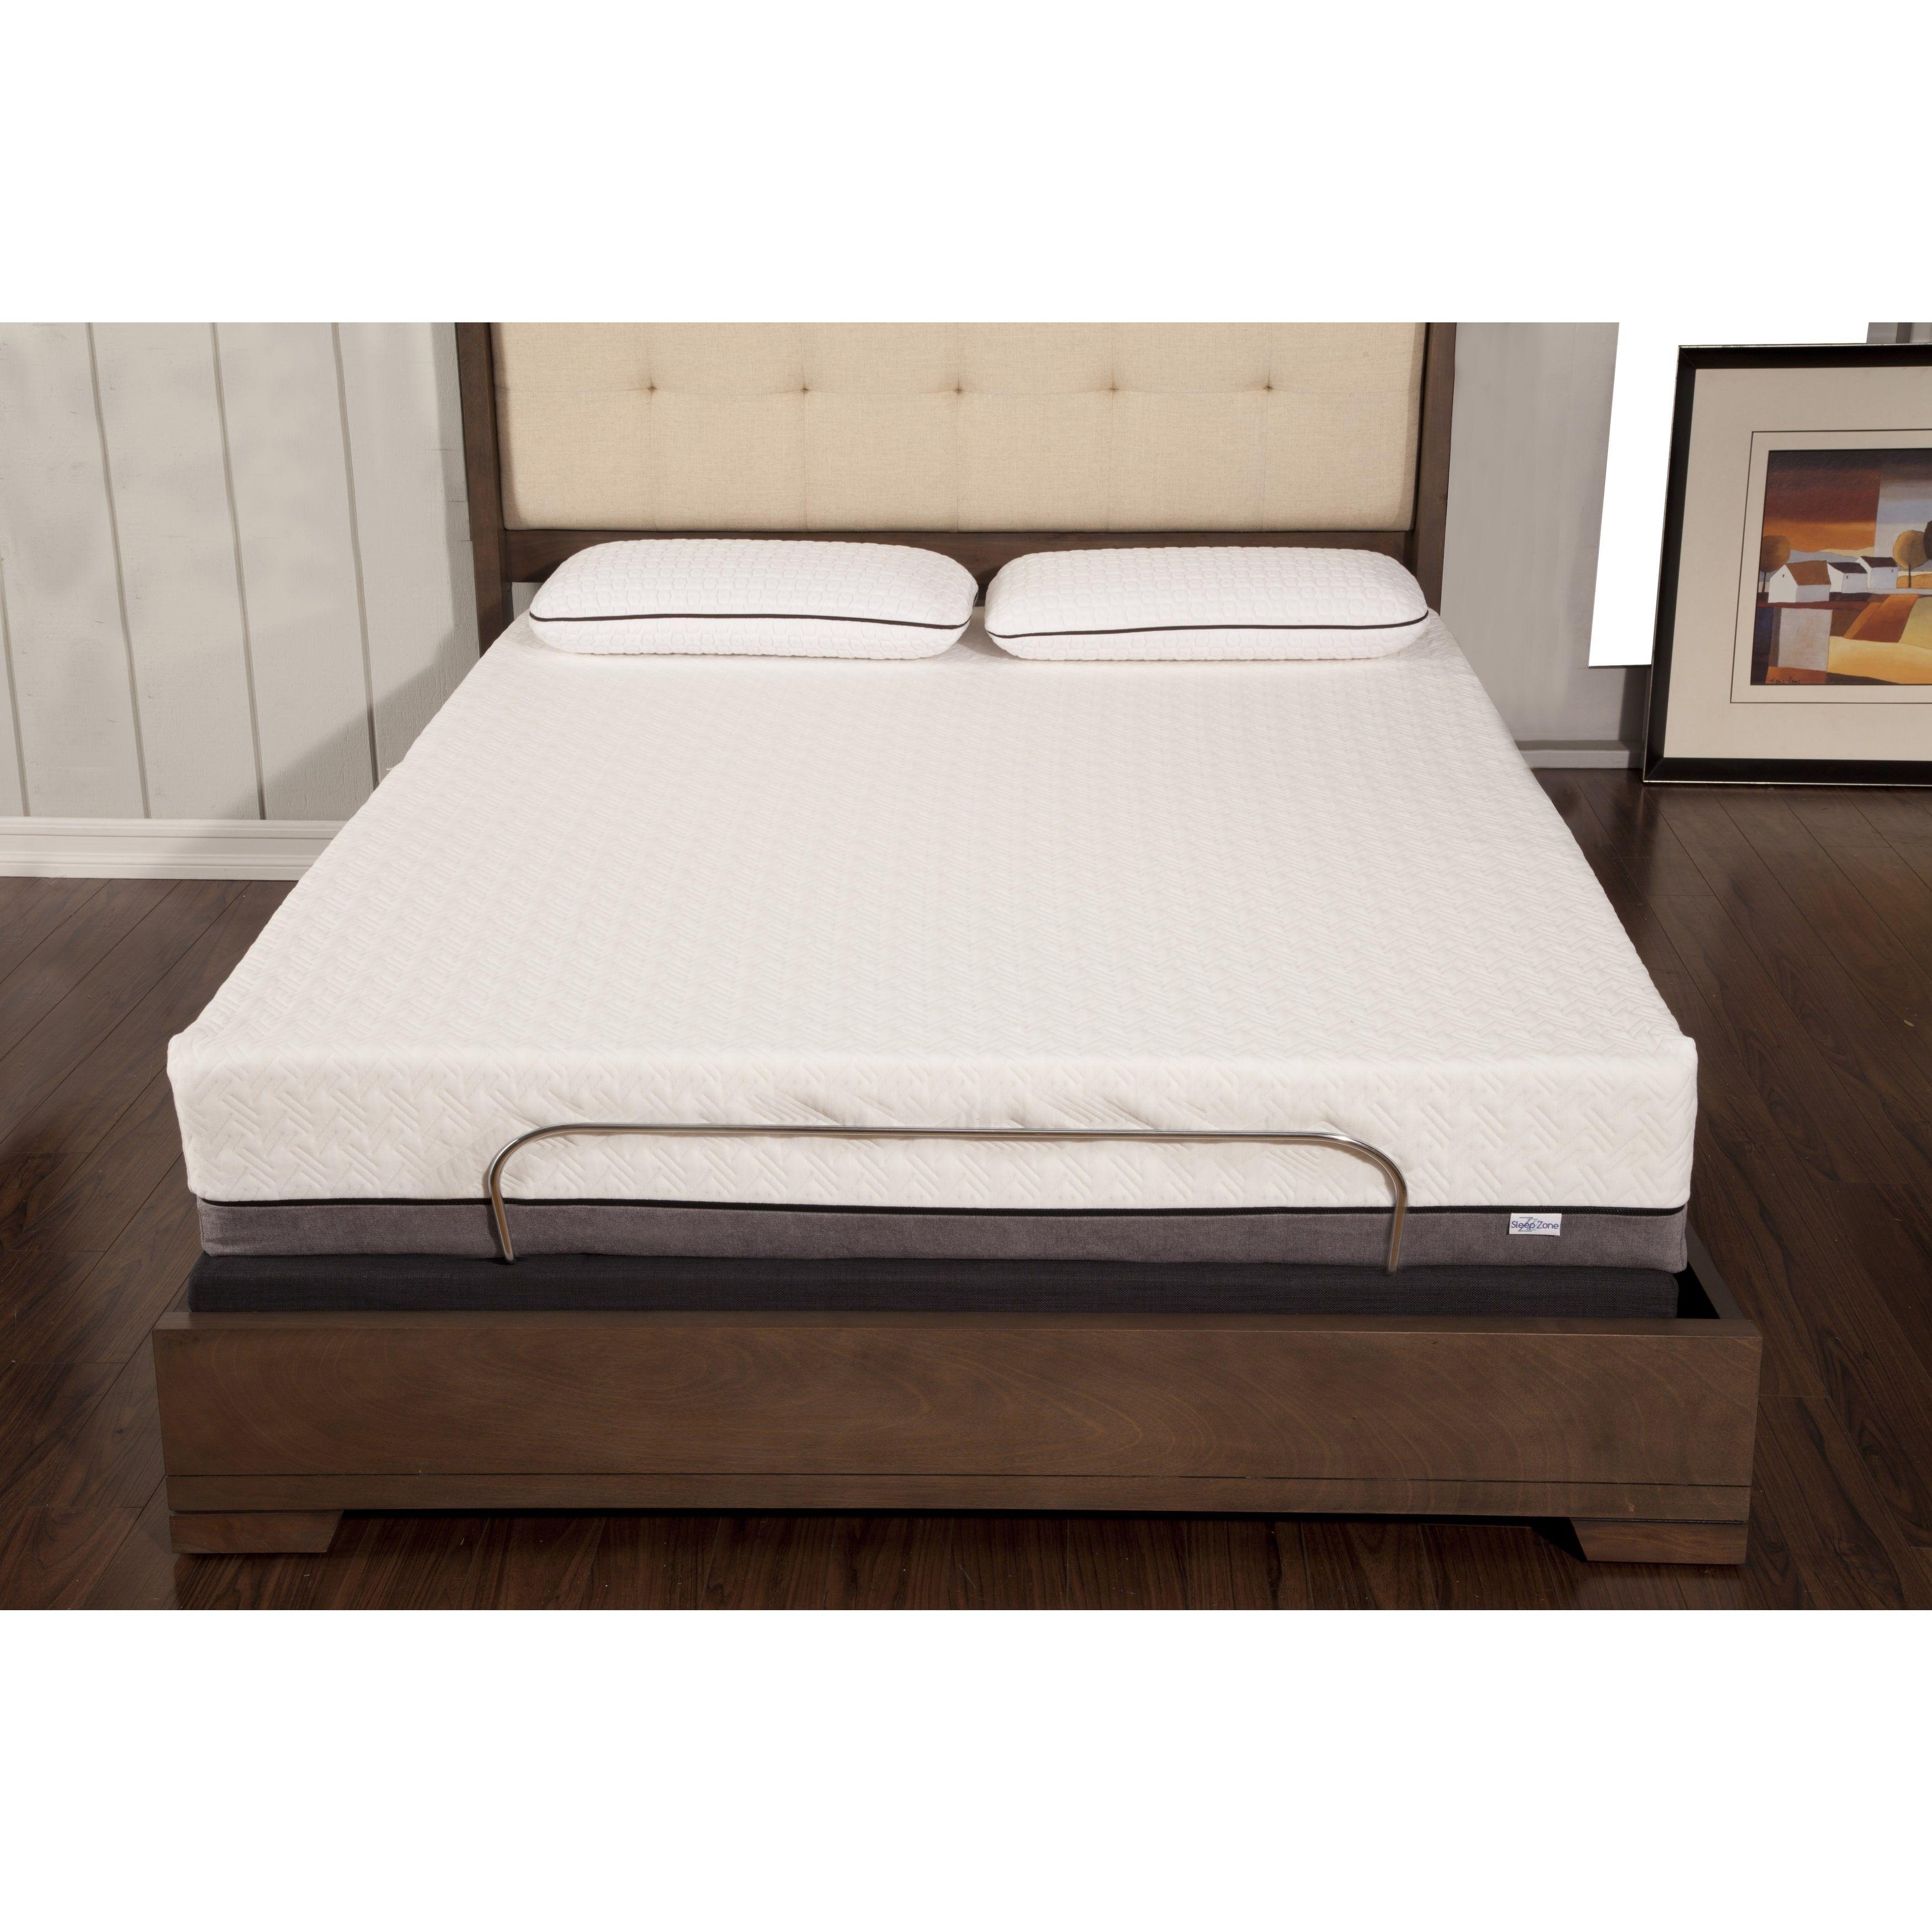 sleep zone huntington 10inch queensize memory foam mattress and adjustable bed set queen black night